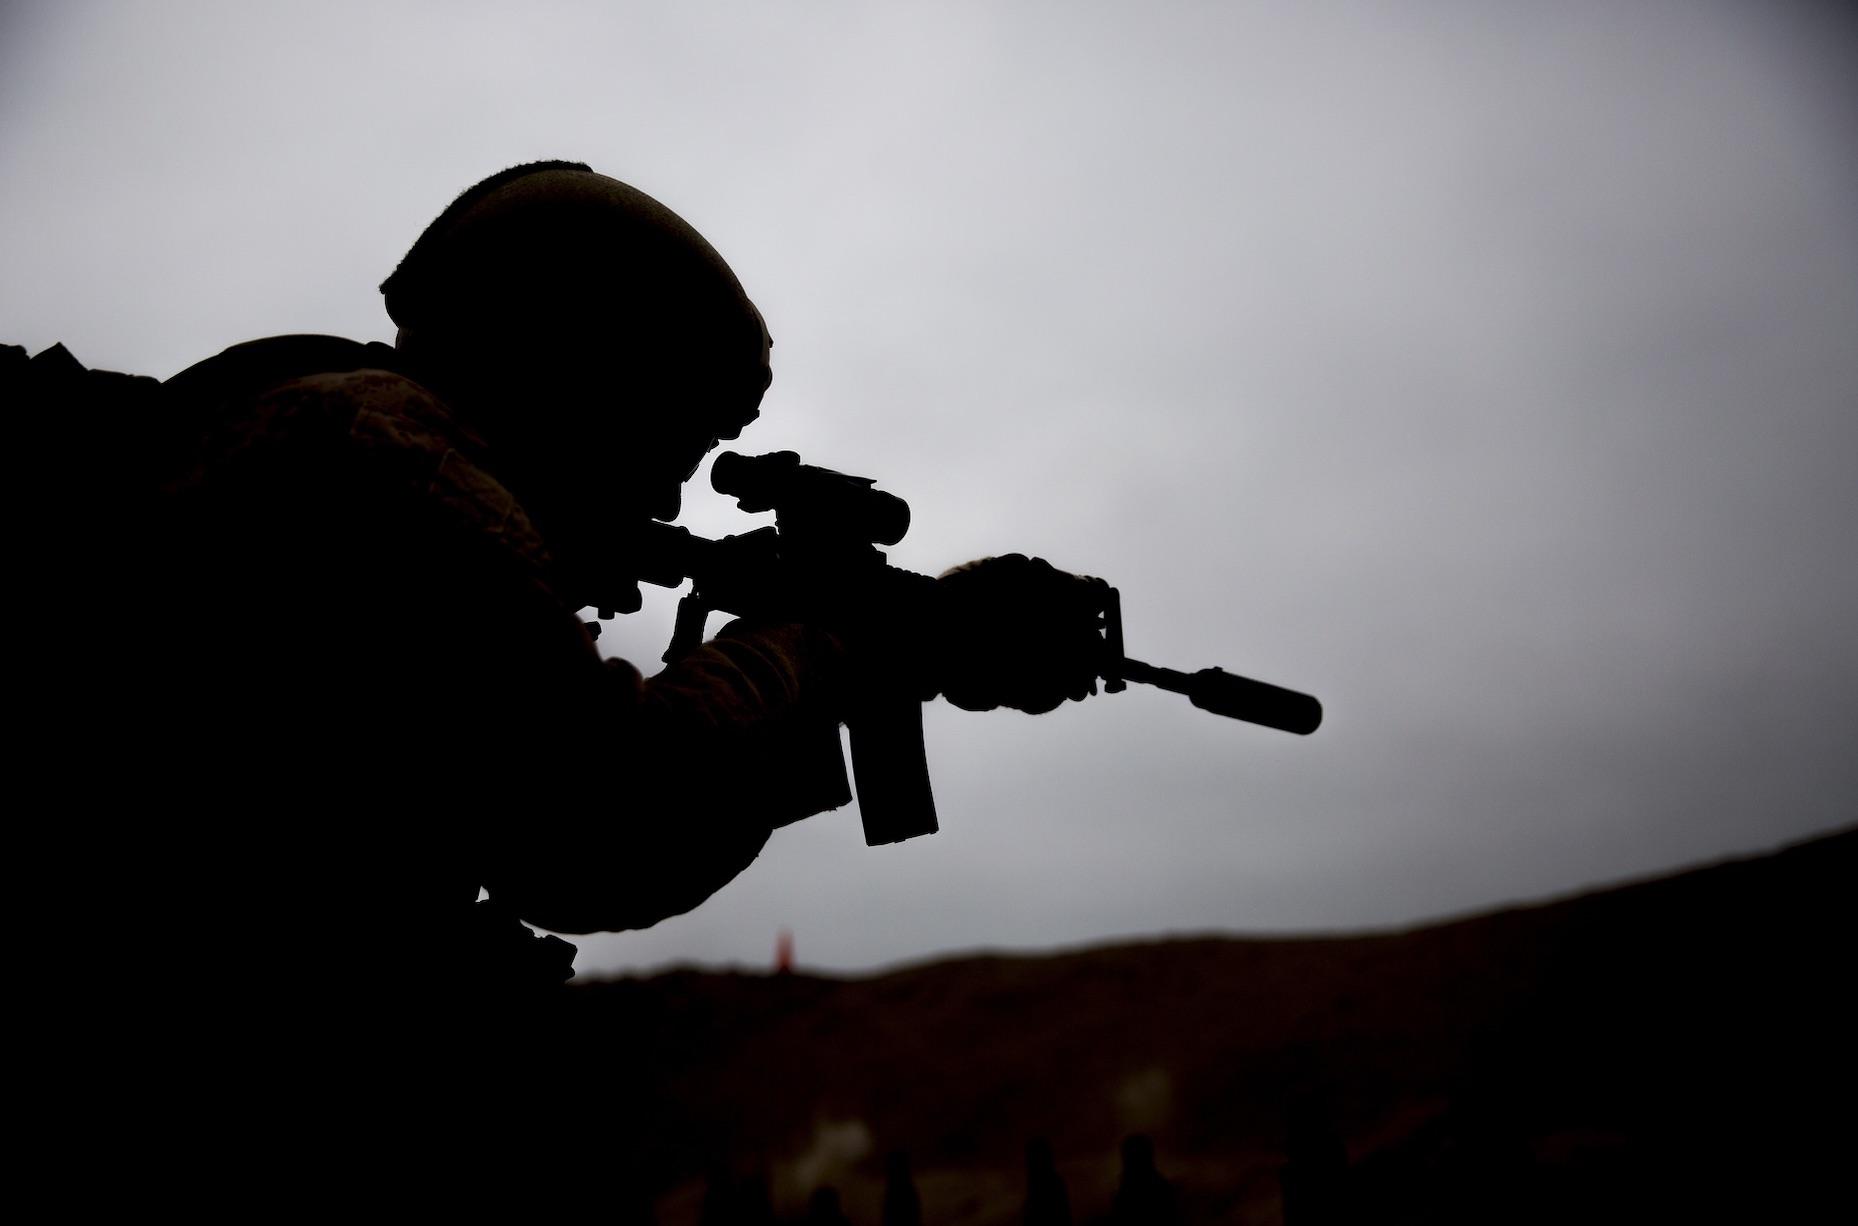 Askerleri İtaatsizliğe Teşvik Suçu Hakkında Genel Bilgiler